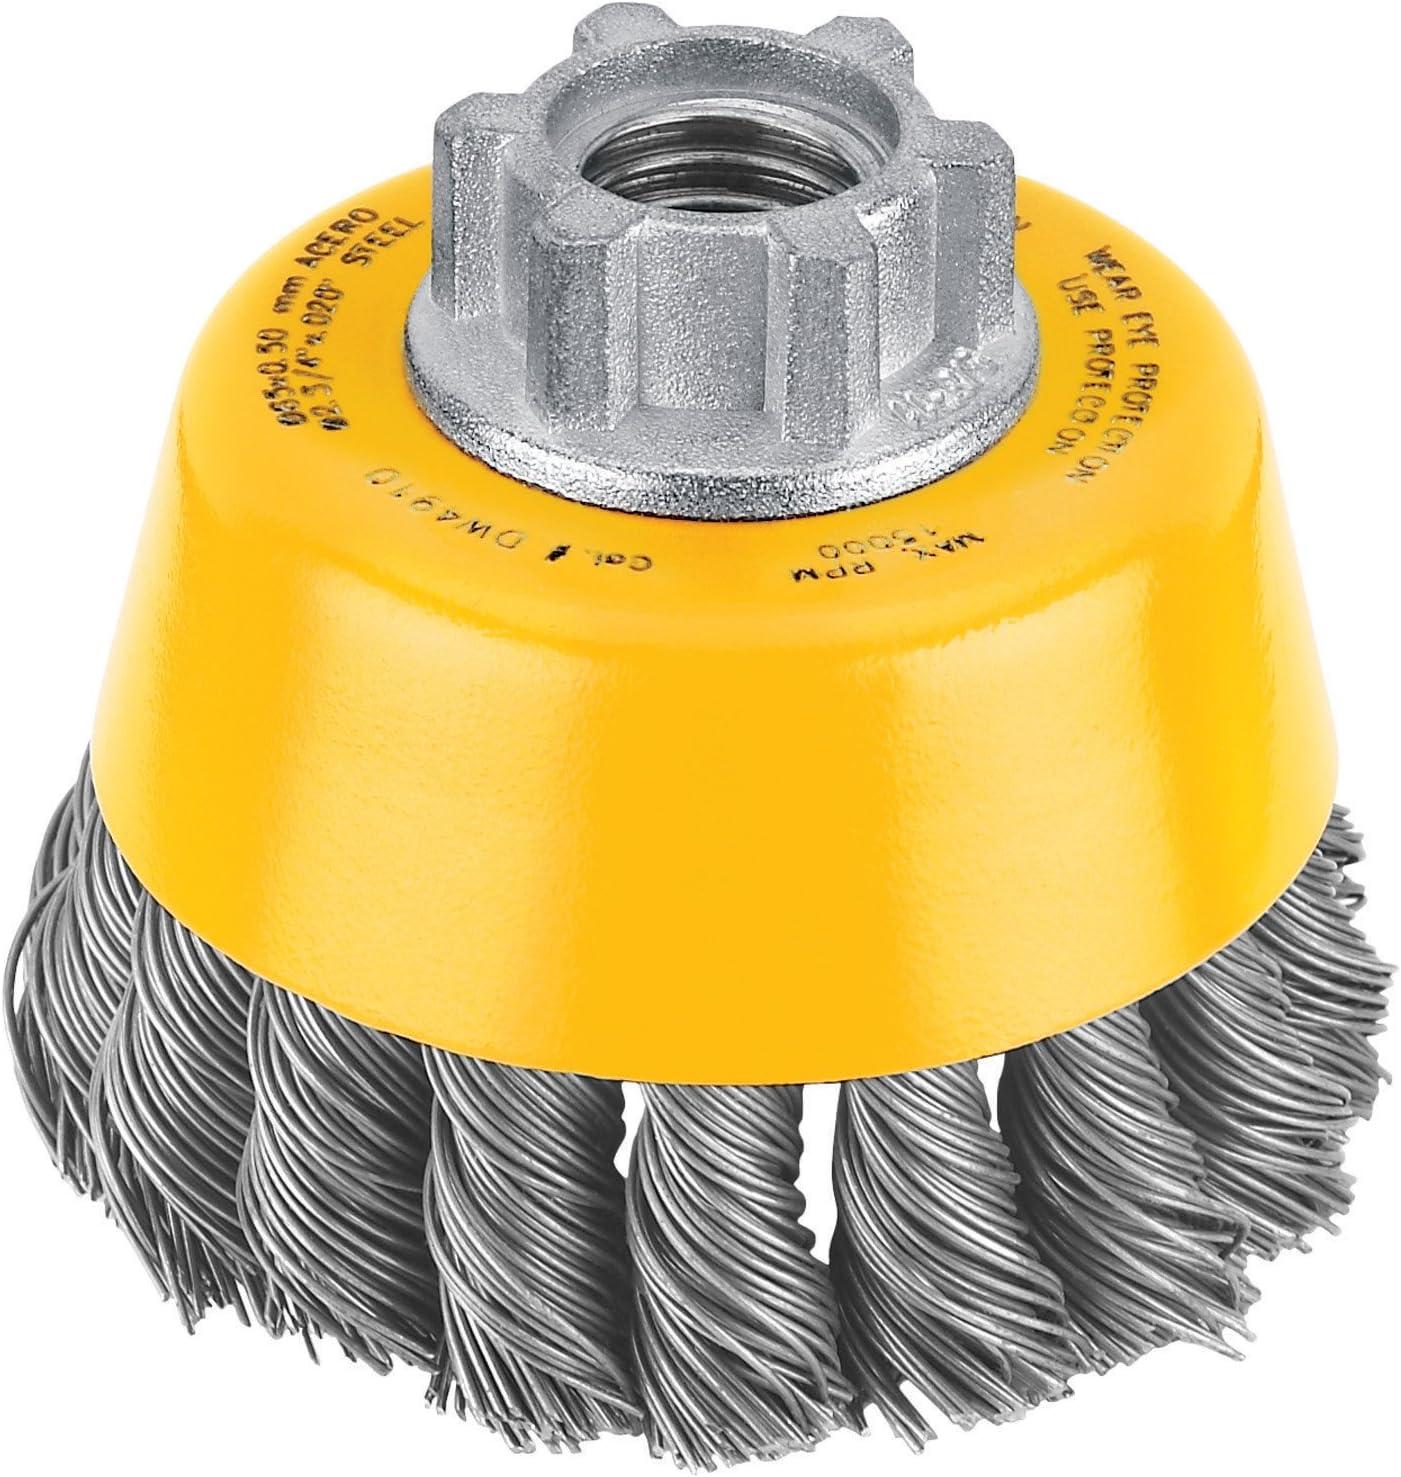 DEWALT DW4910 Wire Cup Brush